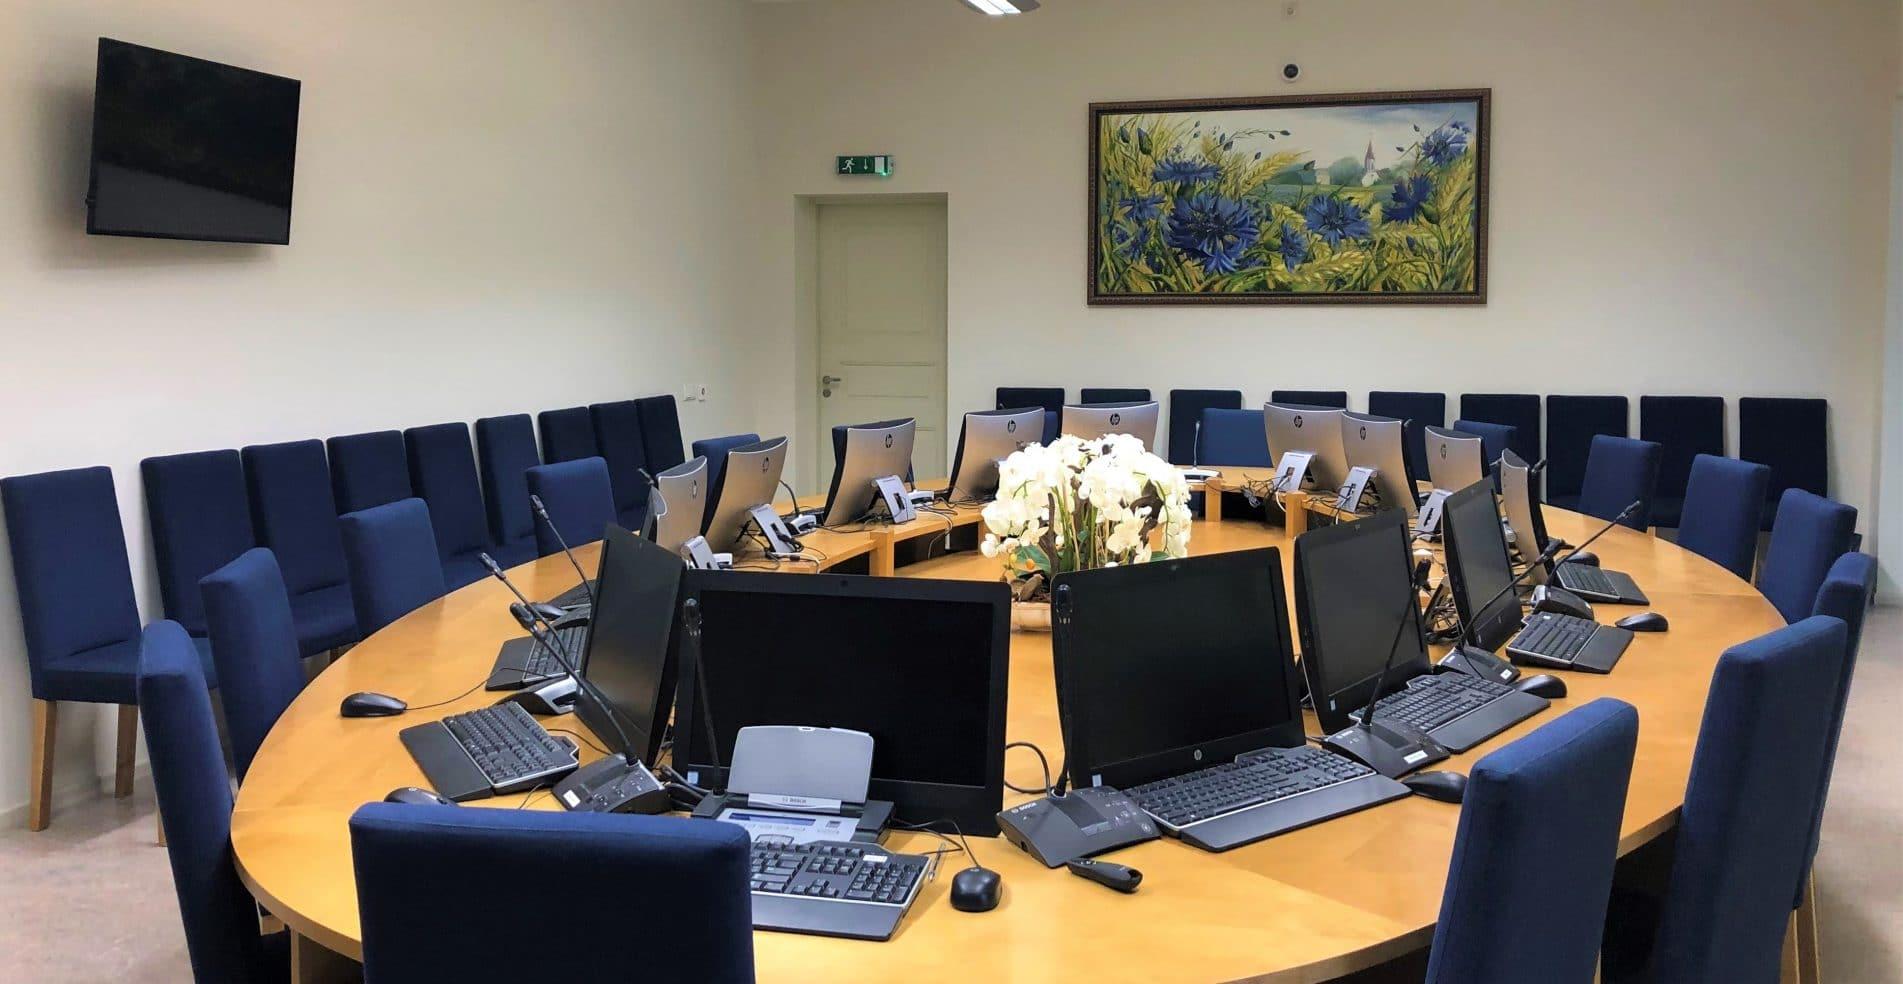 Informācija par Smiltenes novada domes un komiteju sēdēm februārī